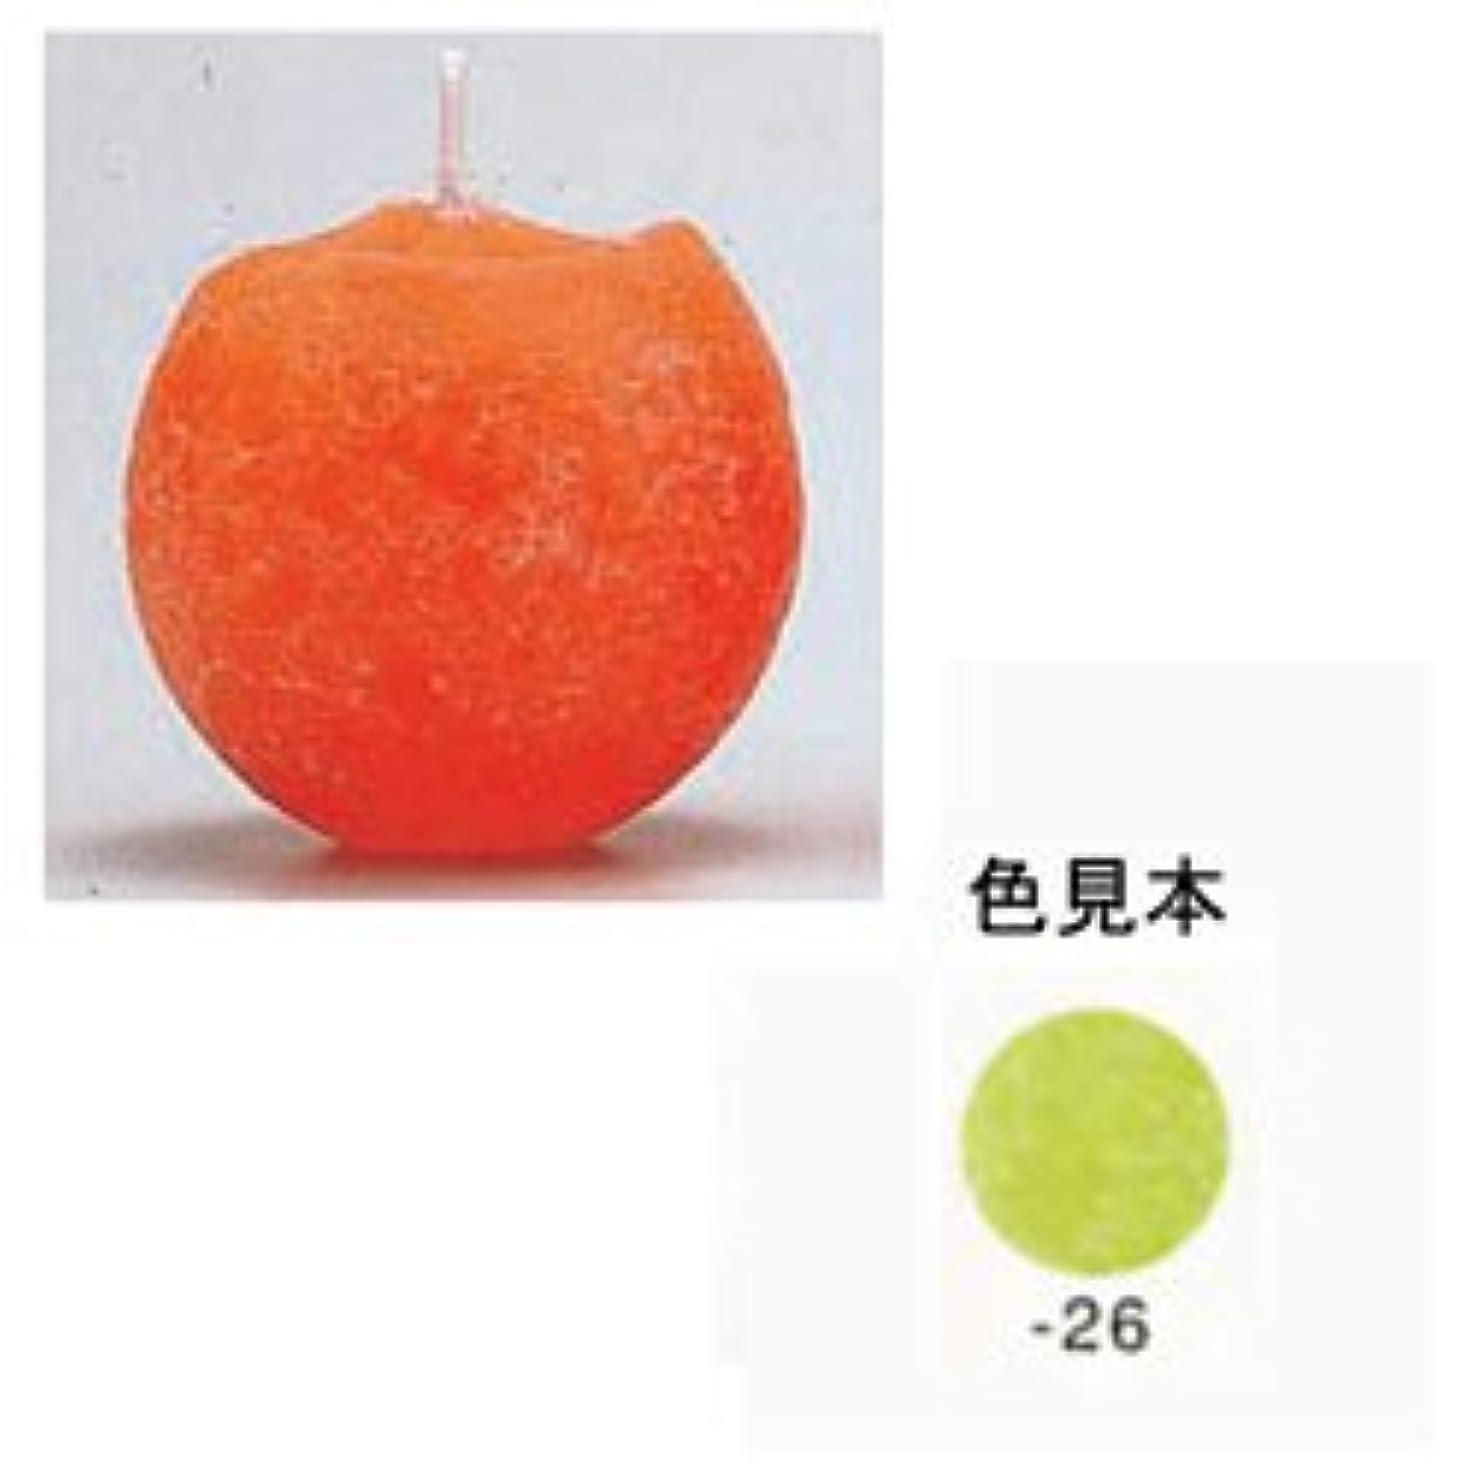 尾細胞相関するナチュレ ボール80Φ ライトグリーン